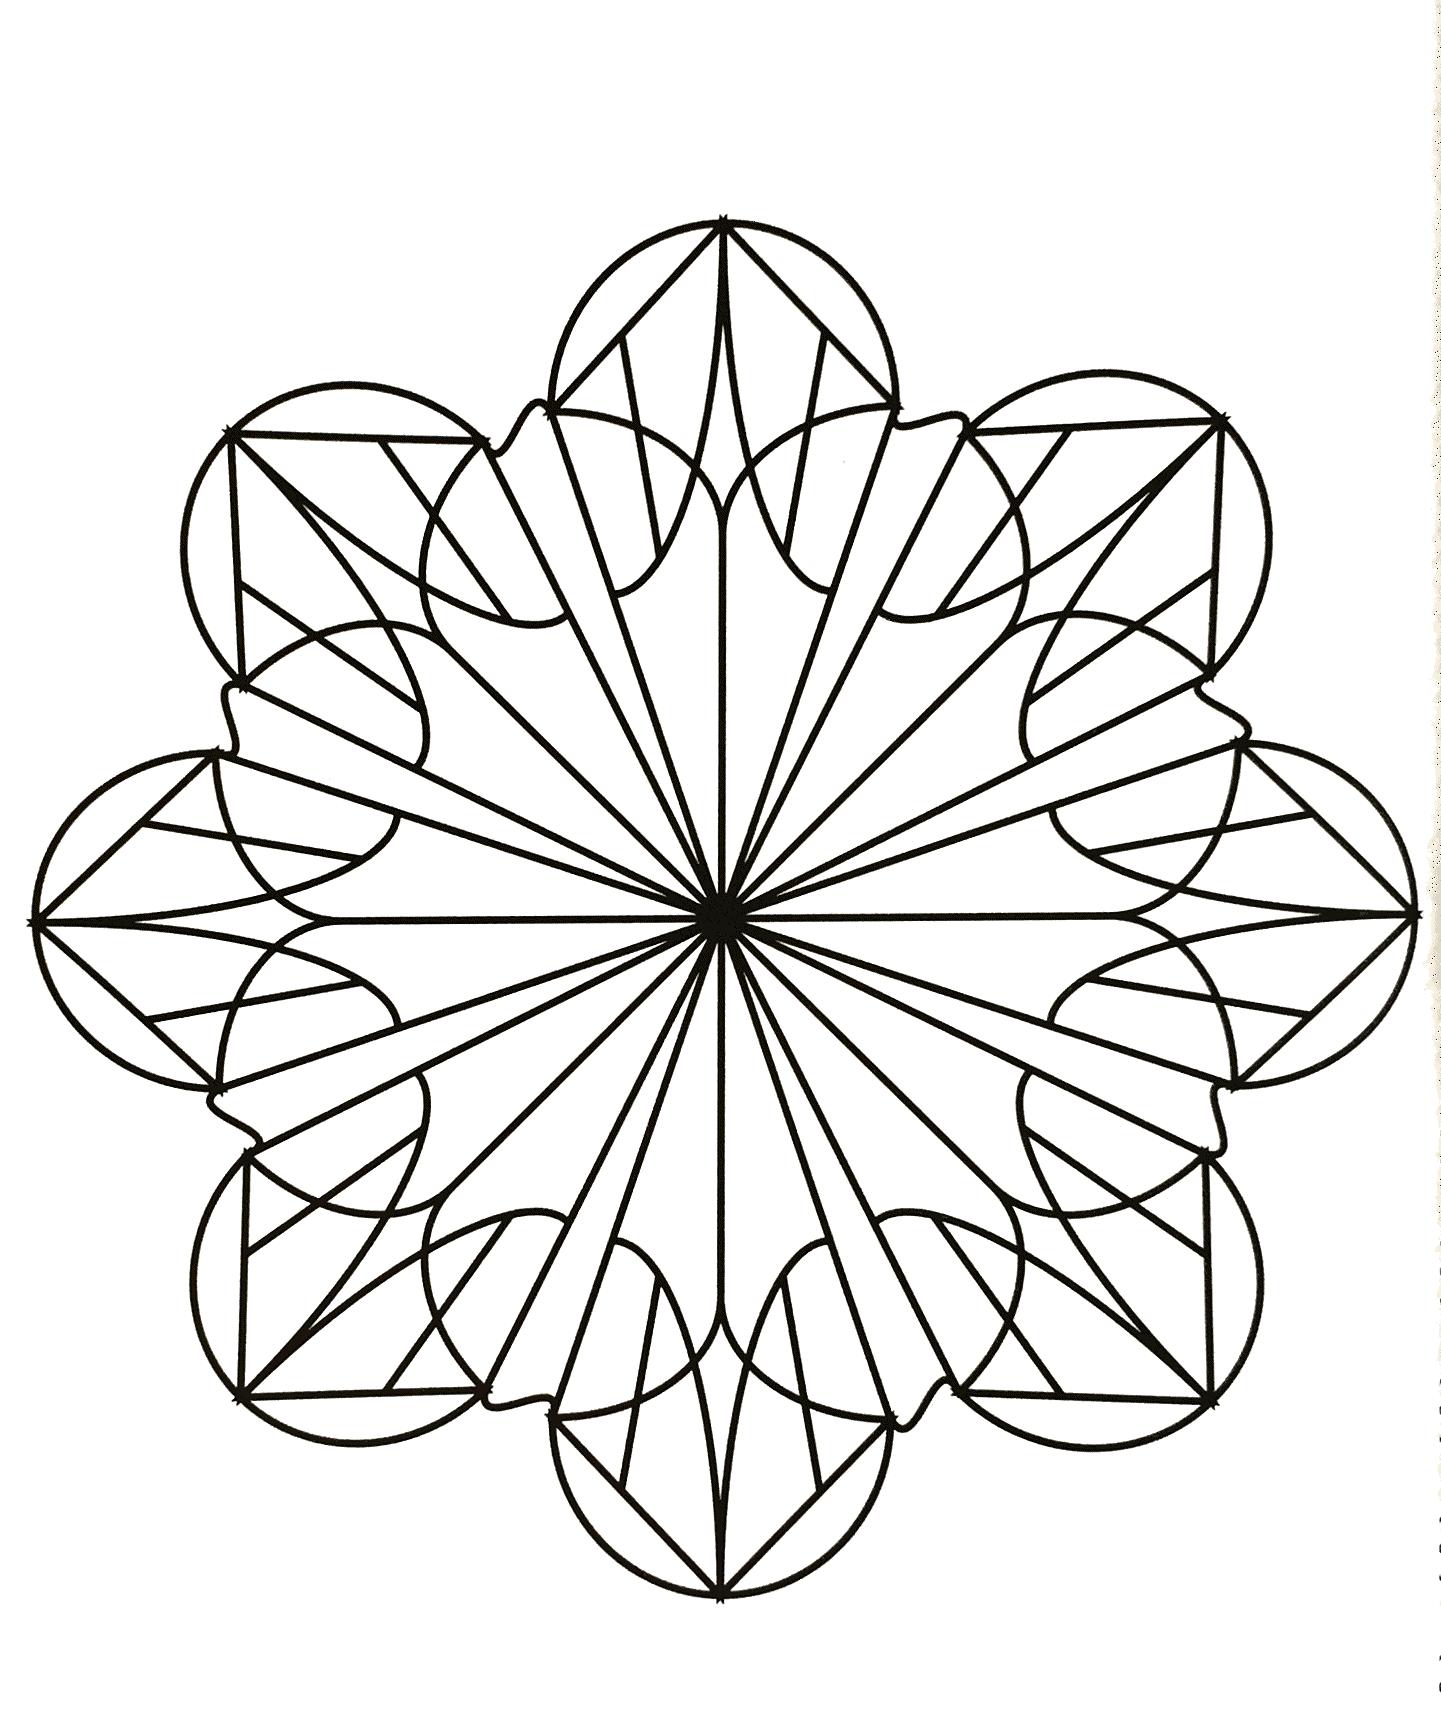 Facile mandala fleur coloriage mandalas coloriages pour enfants - Dessin de fleur facile ...